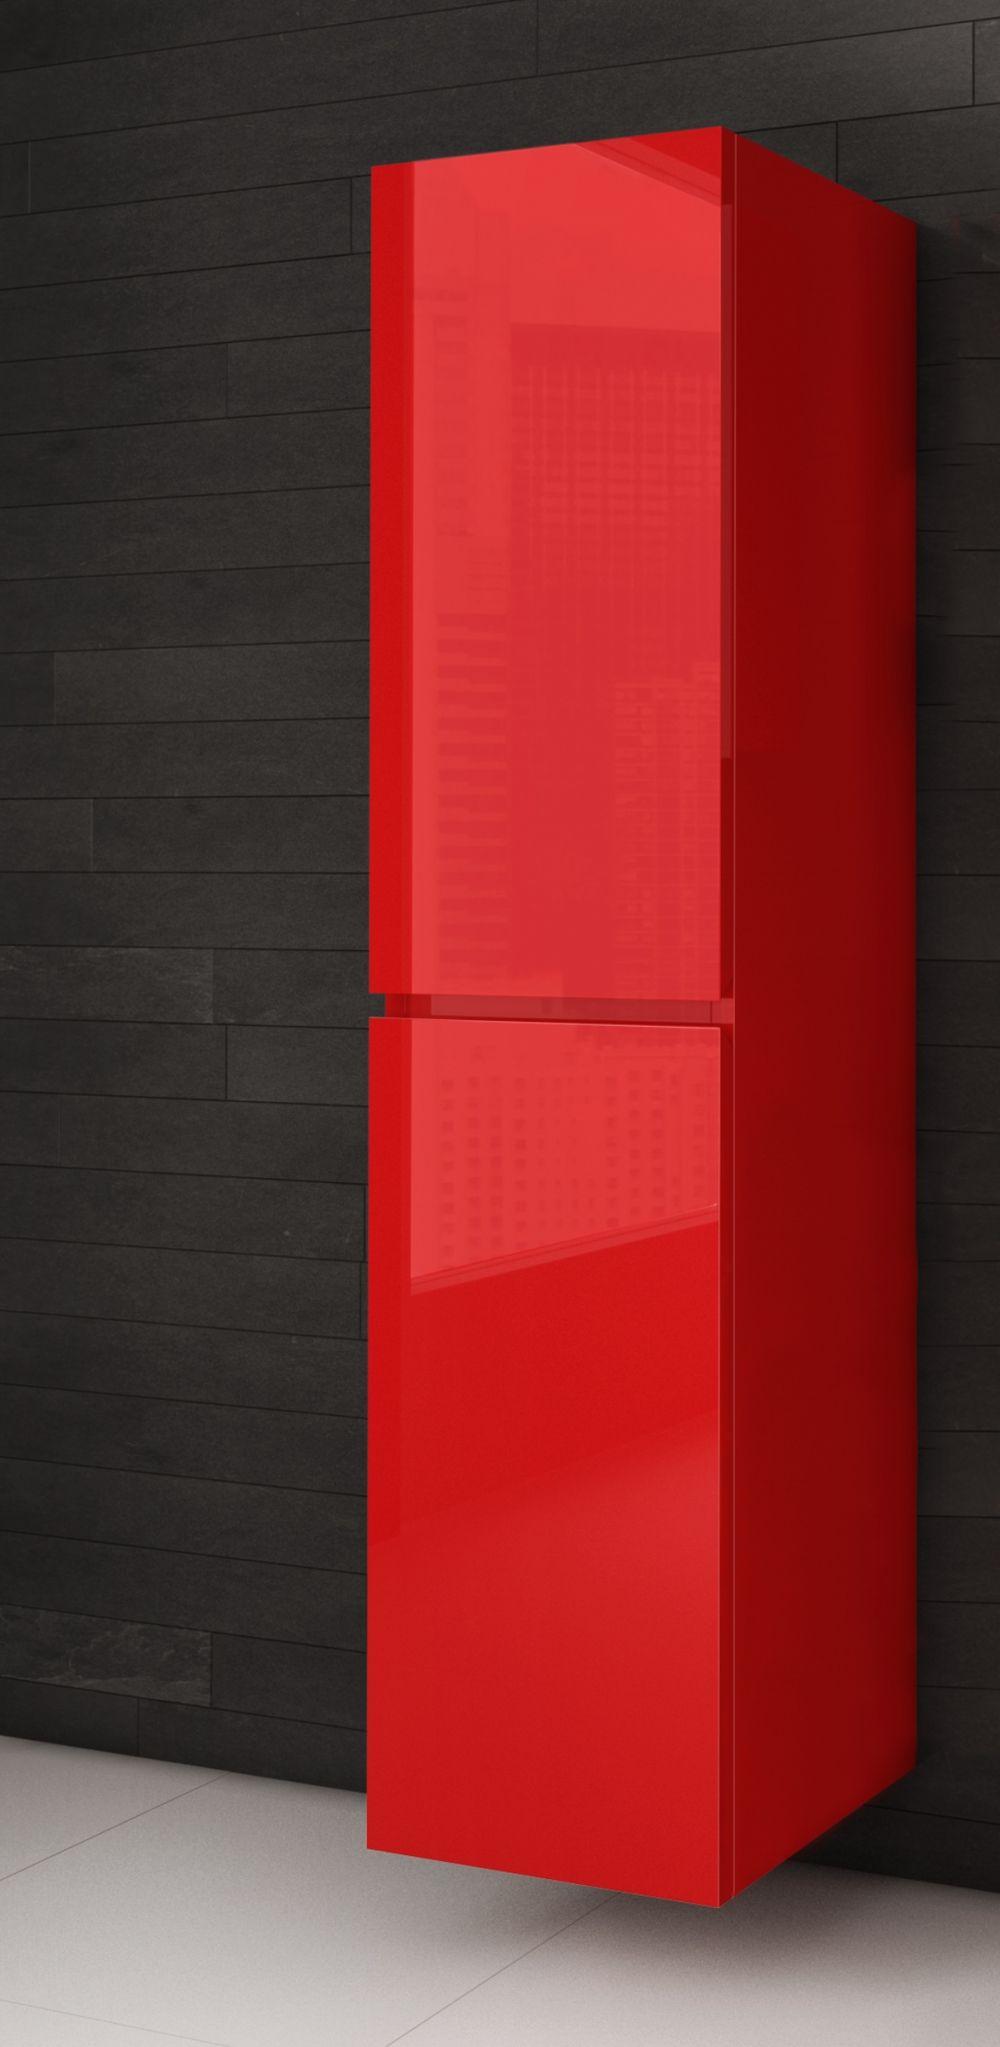 Lingerie salle de bain rouge aquamobilia disponible chez montr al les bains aqua - Lingerie salle de bain ...